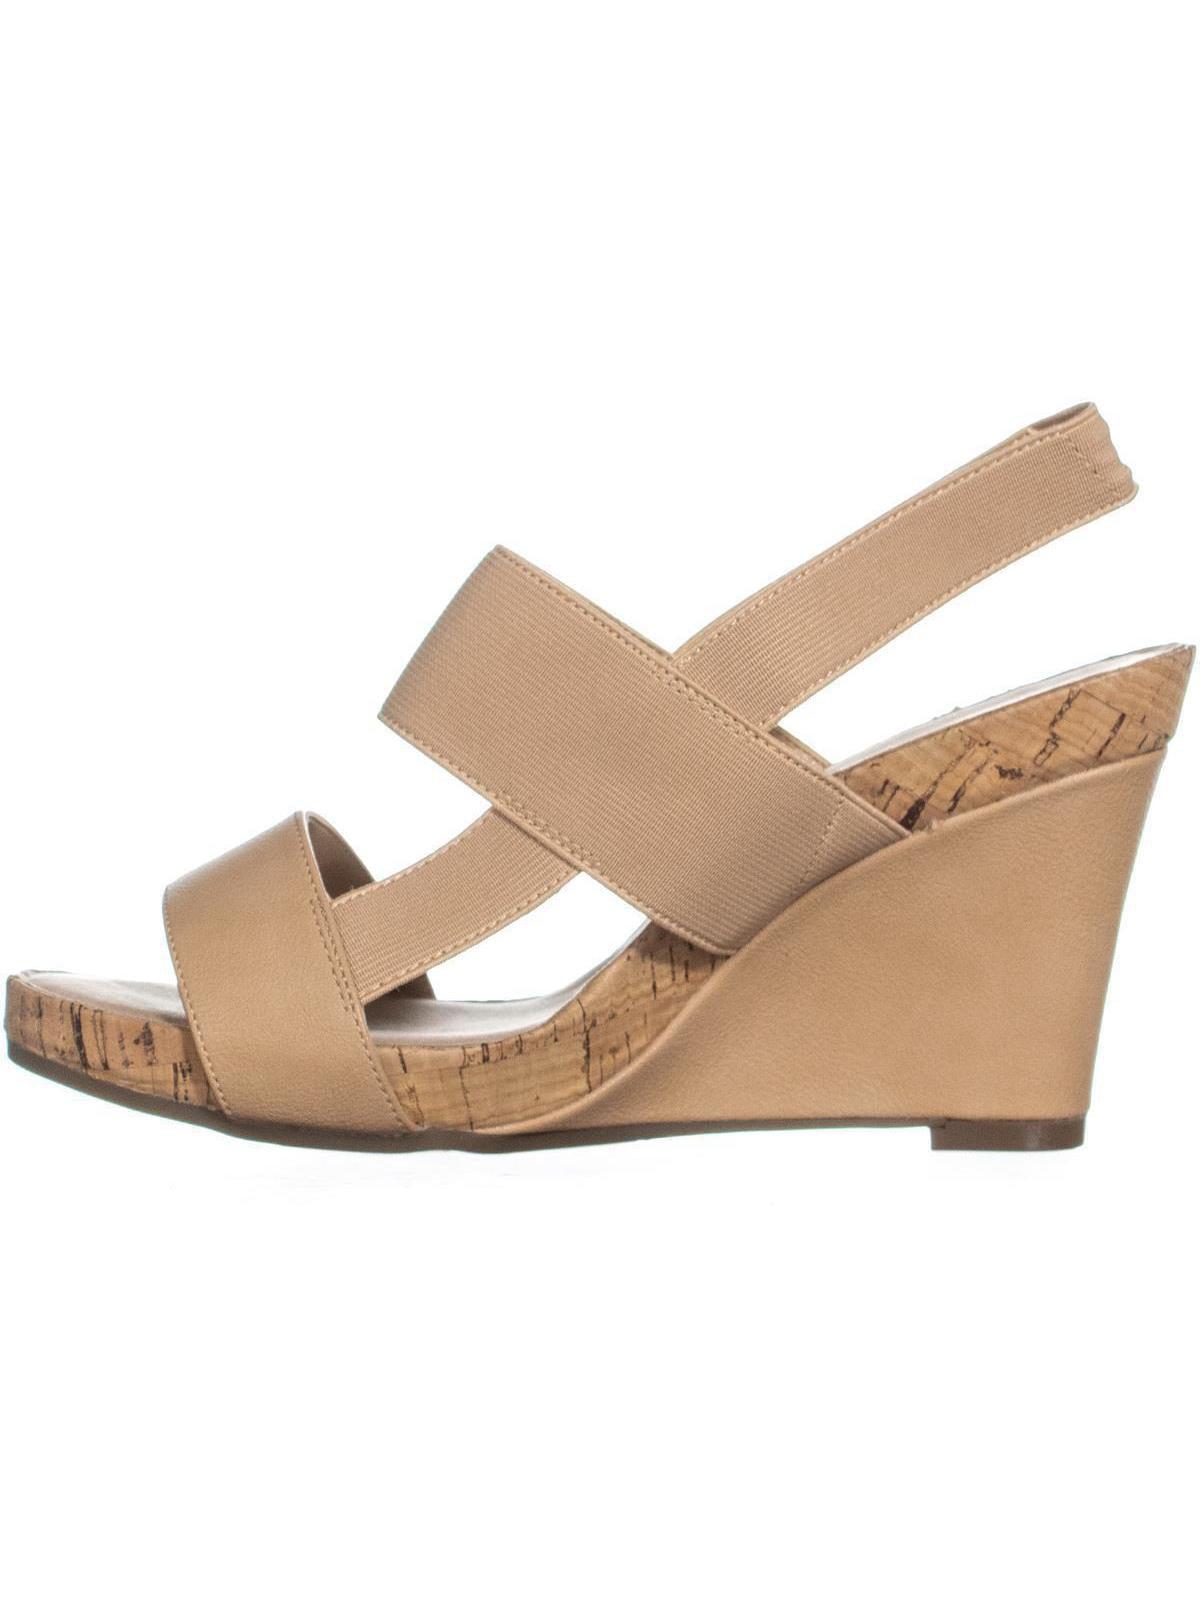 c55e94c7c62 Womens Aerosoles Magnolia Plush Wedge Sandals